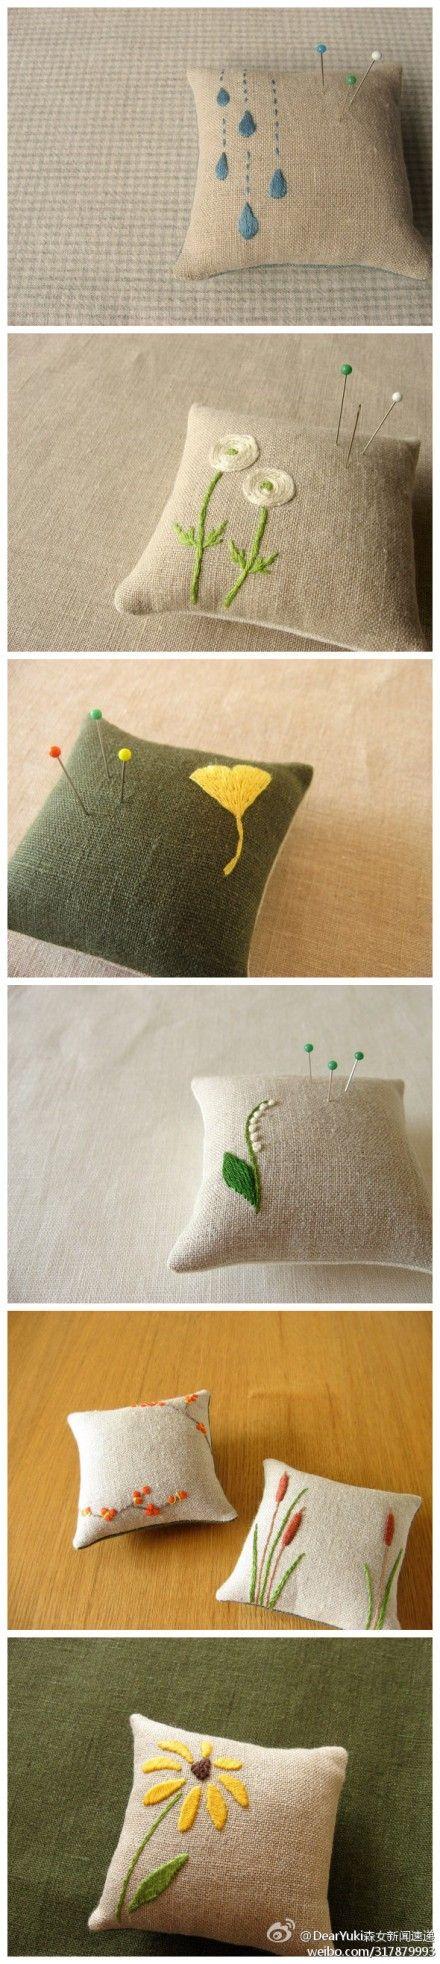 owl [mismo] bordado a mano paquete de pin ropa, ya sea imaginado, puntada, sino también a escribir un maravilloso cuento de hadas de la tela, que se sentía cómoda vida